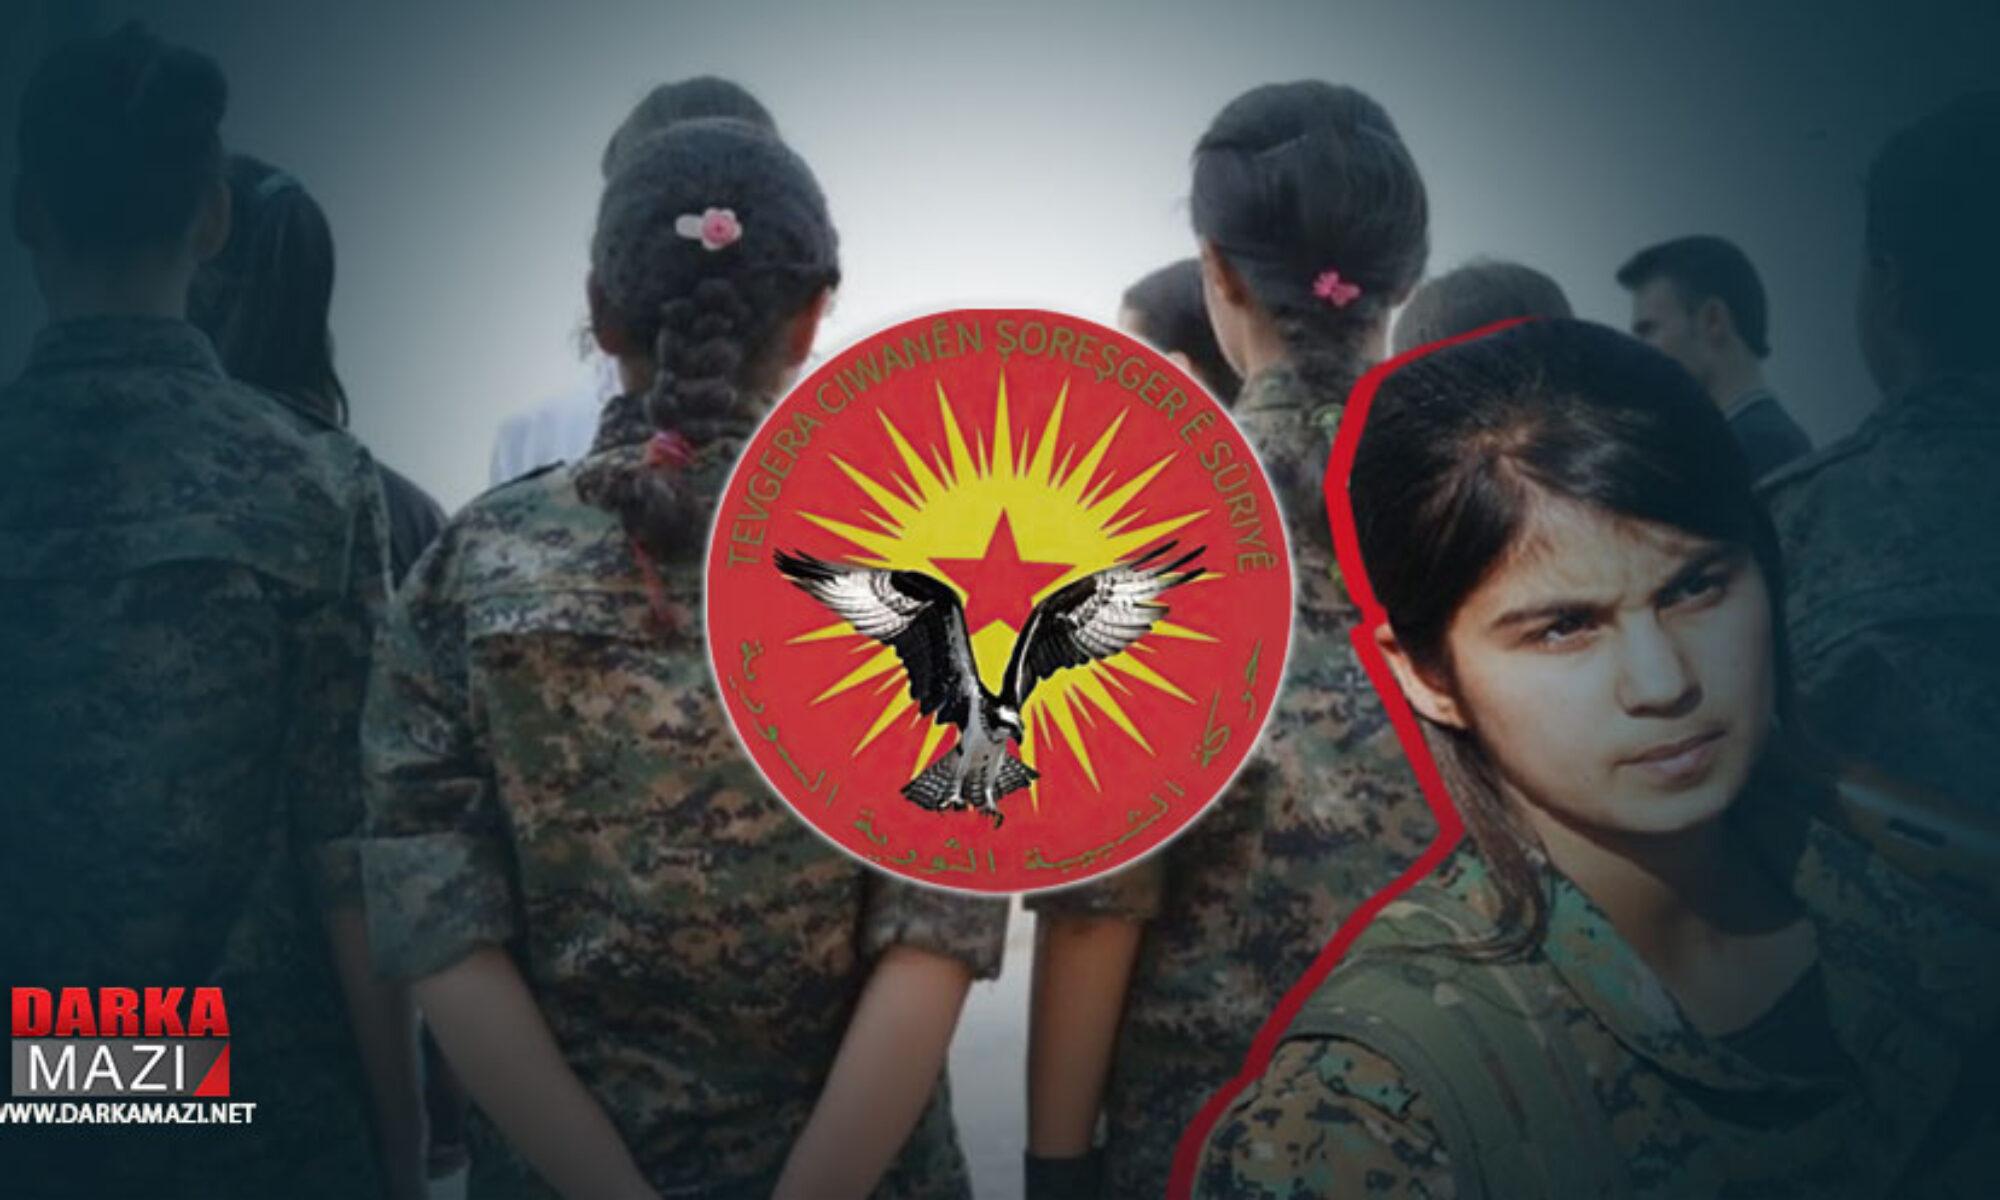 PKK'ye bağlı Ciwanên Şoreşger Qamişlo'da 15 yaşındaki çocuğu kaçırdı